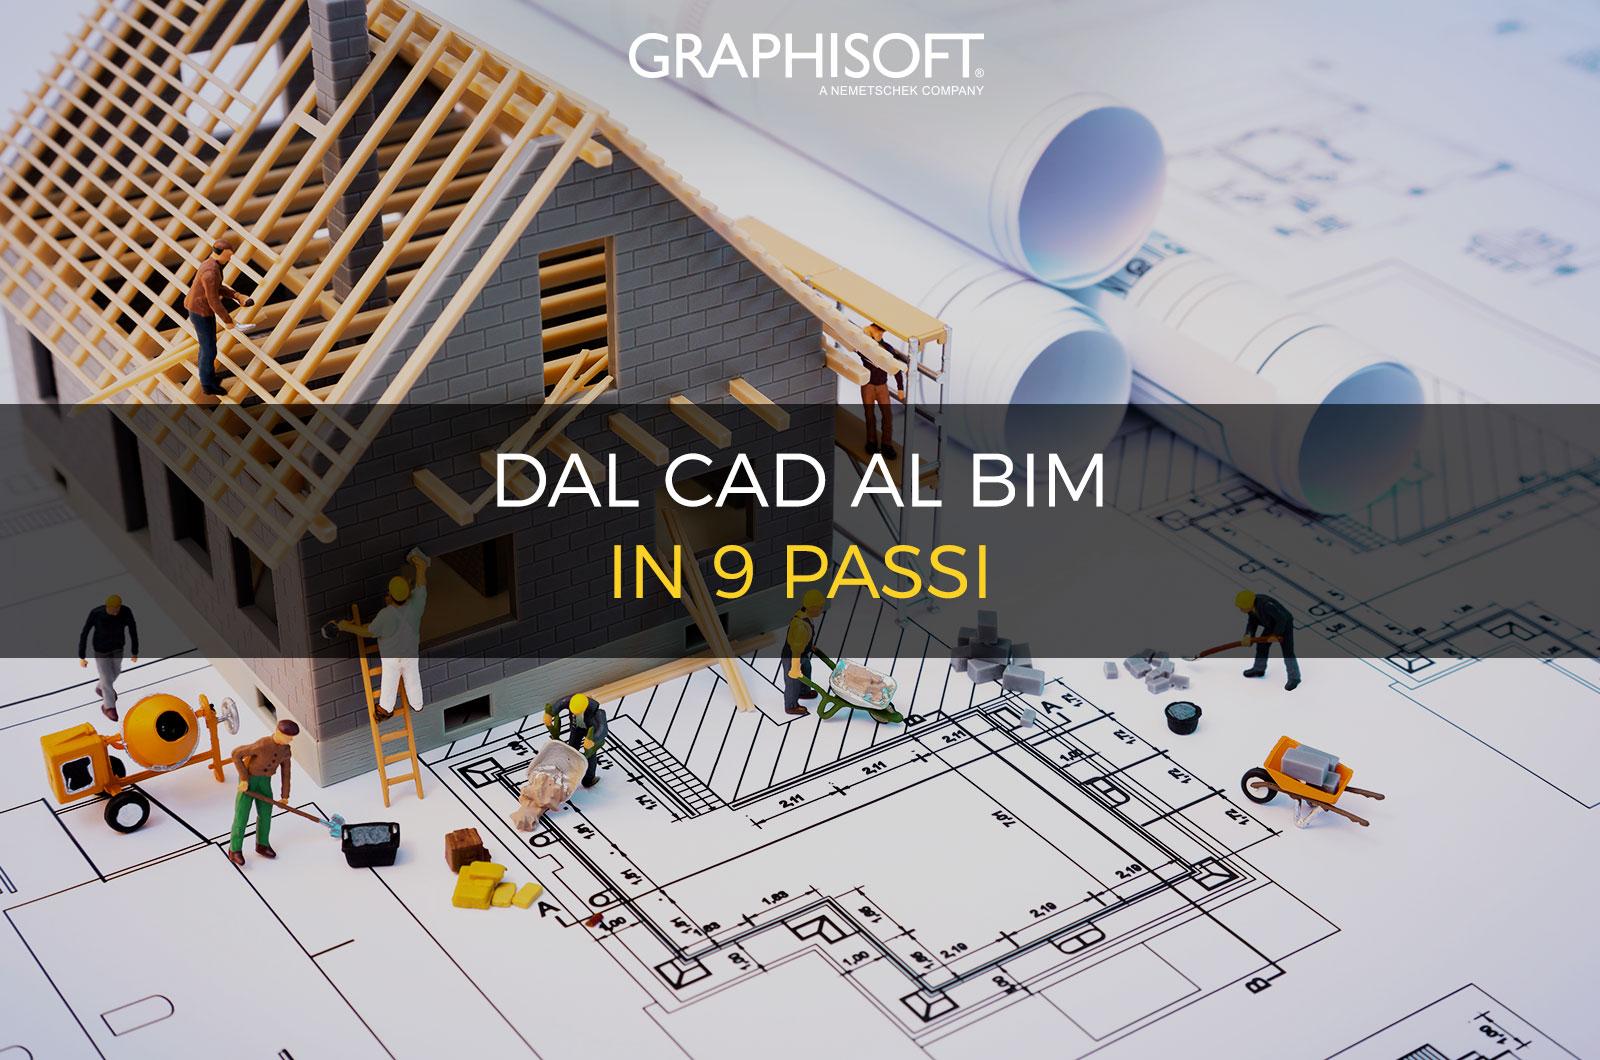 cad_a_bim_9_passi